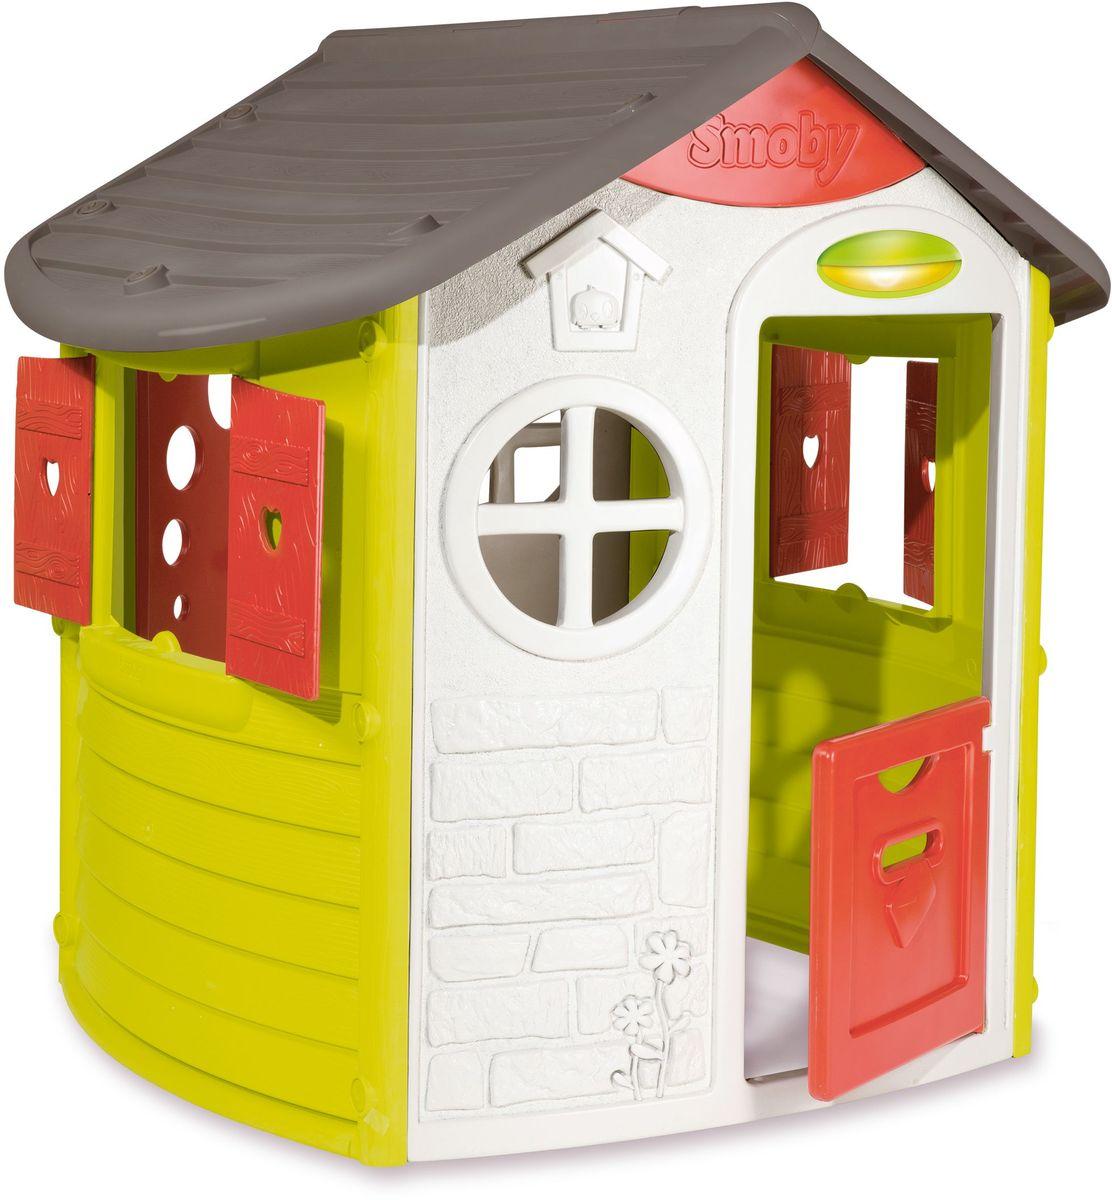 Домик Smoby сочетает в себе классический вид и дизайнерские элементы. В домике есть два окна, которые закрываются при помощи ставень, дверь с почтовым боксом и ключом, а также маленькая дверь с обратной стороны. Домик выполнен из высококачественного пластика - не выгорает на солнце и выдерживает морозы до -15 градусов.